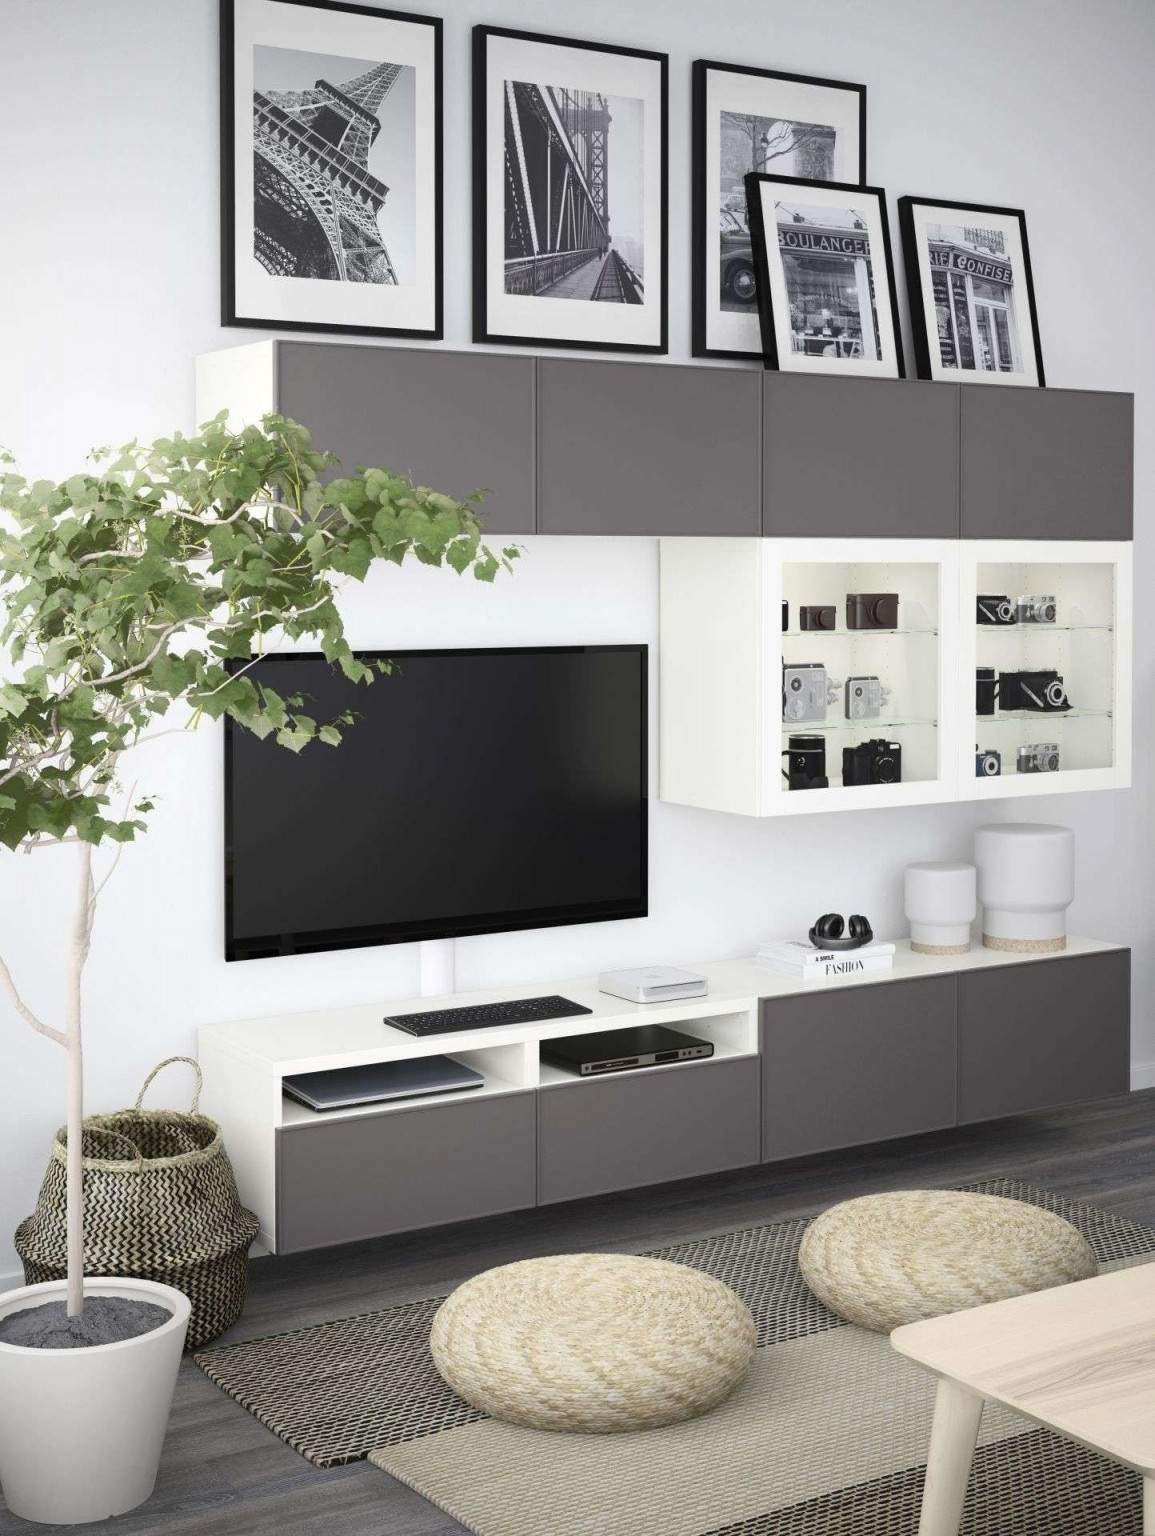 Full Size of Modulküche Ikea Küche Kosten Sofa Mit Schlaffunktion Kaufen Betten Bei 160x200 Miniküche Wohnzimmer Ikea Wohnzimmerschrank